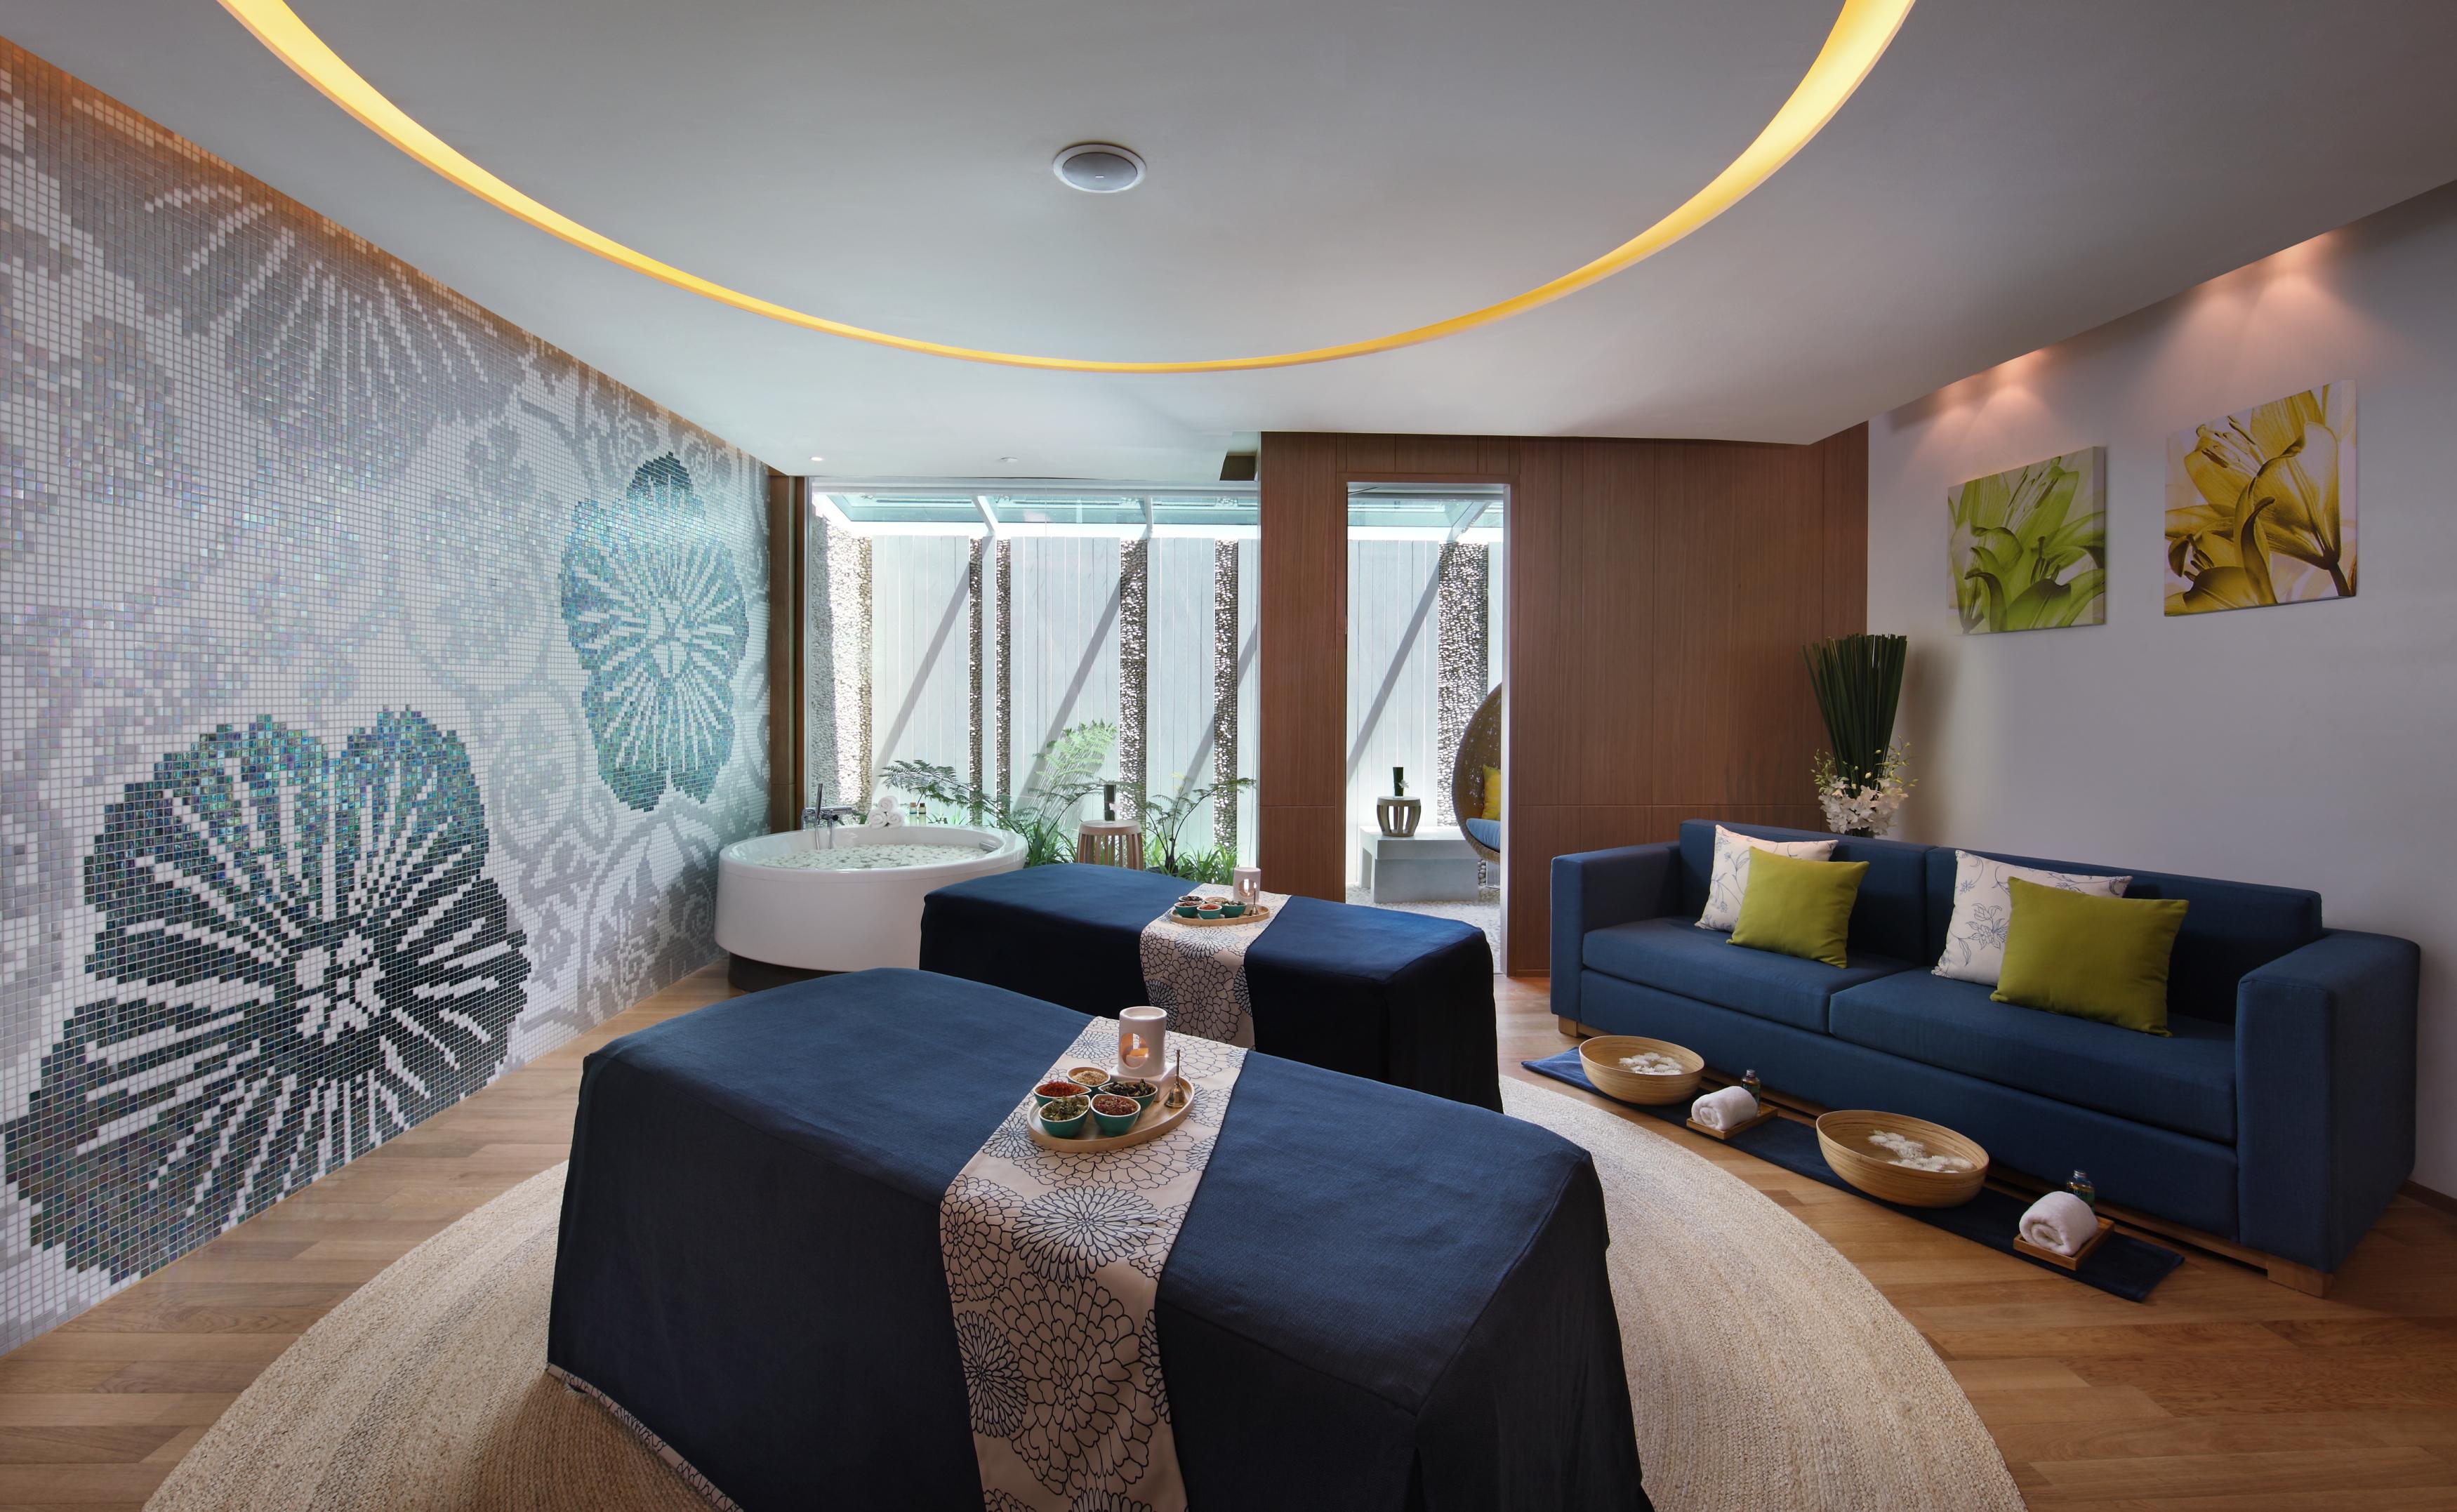 Breeze Spa (Treatment Room)